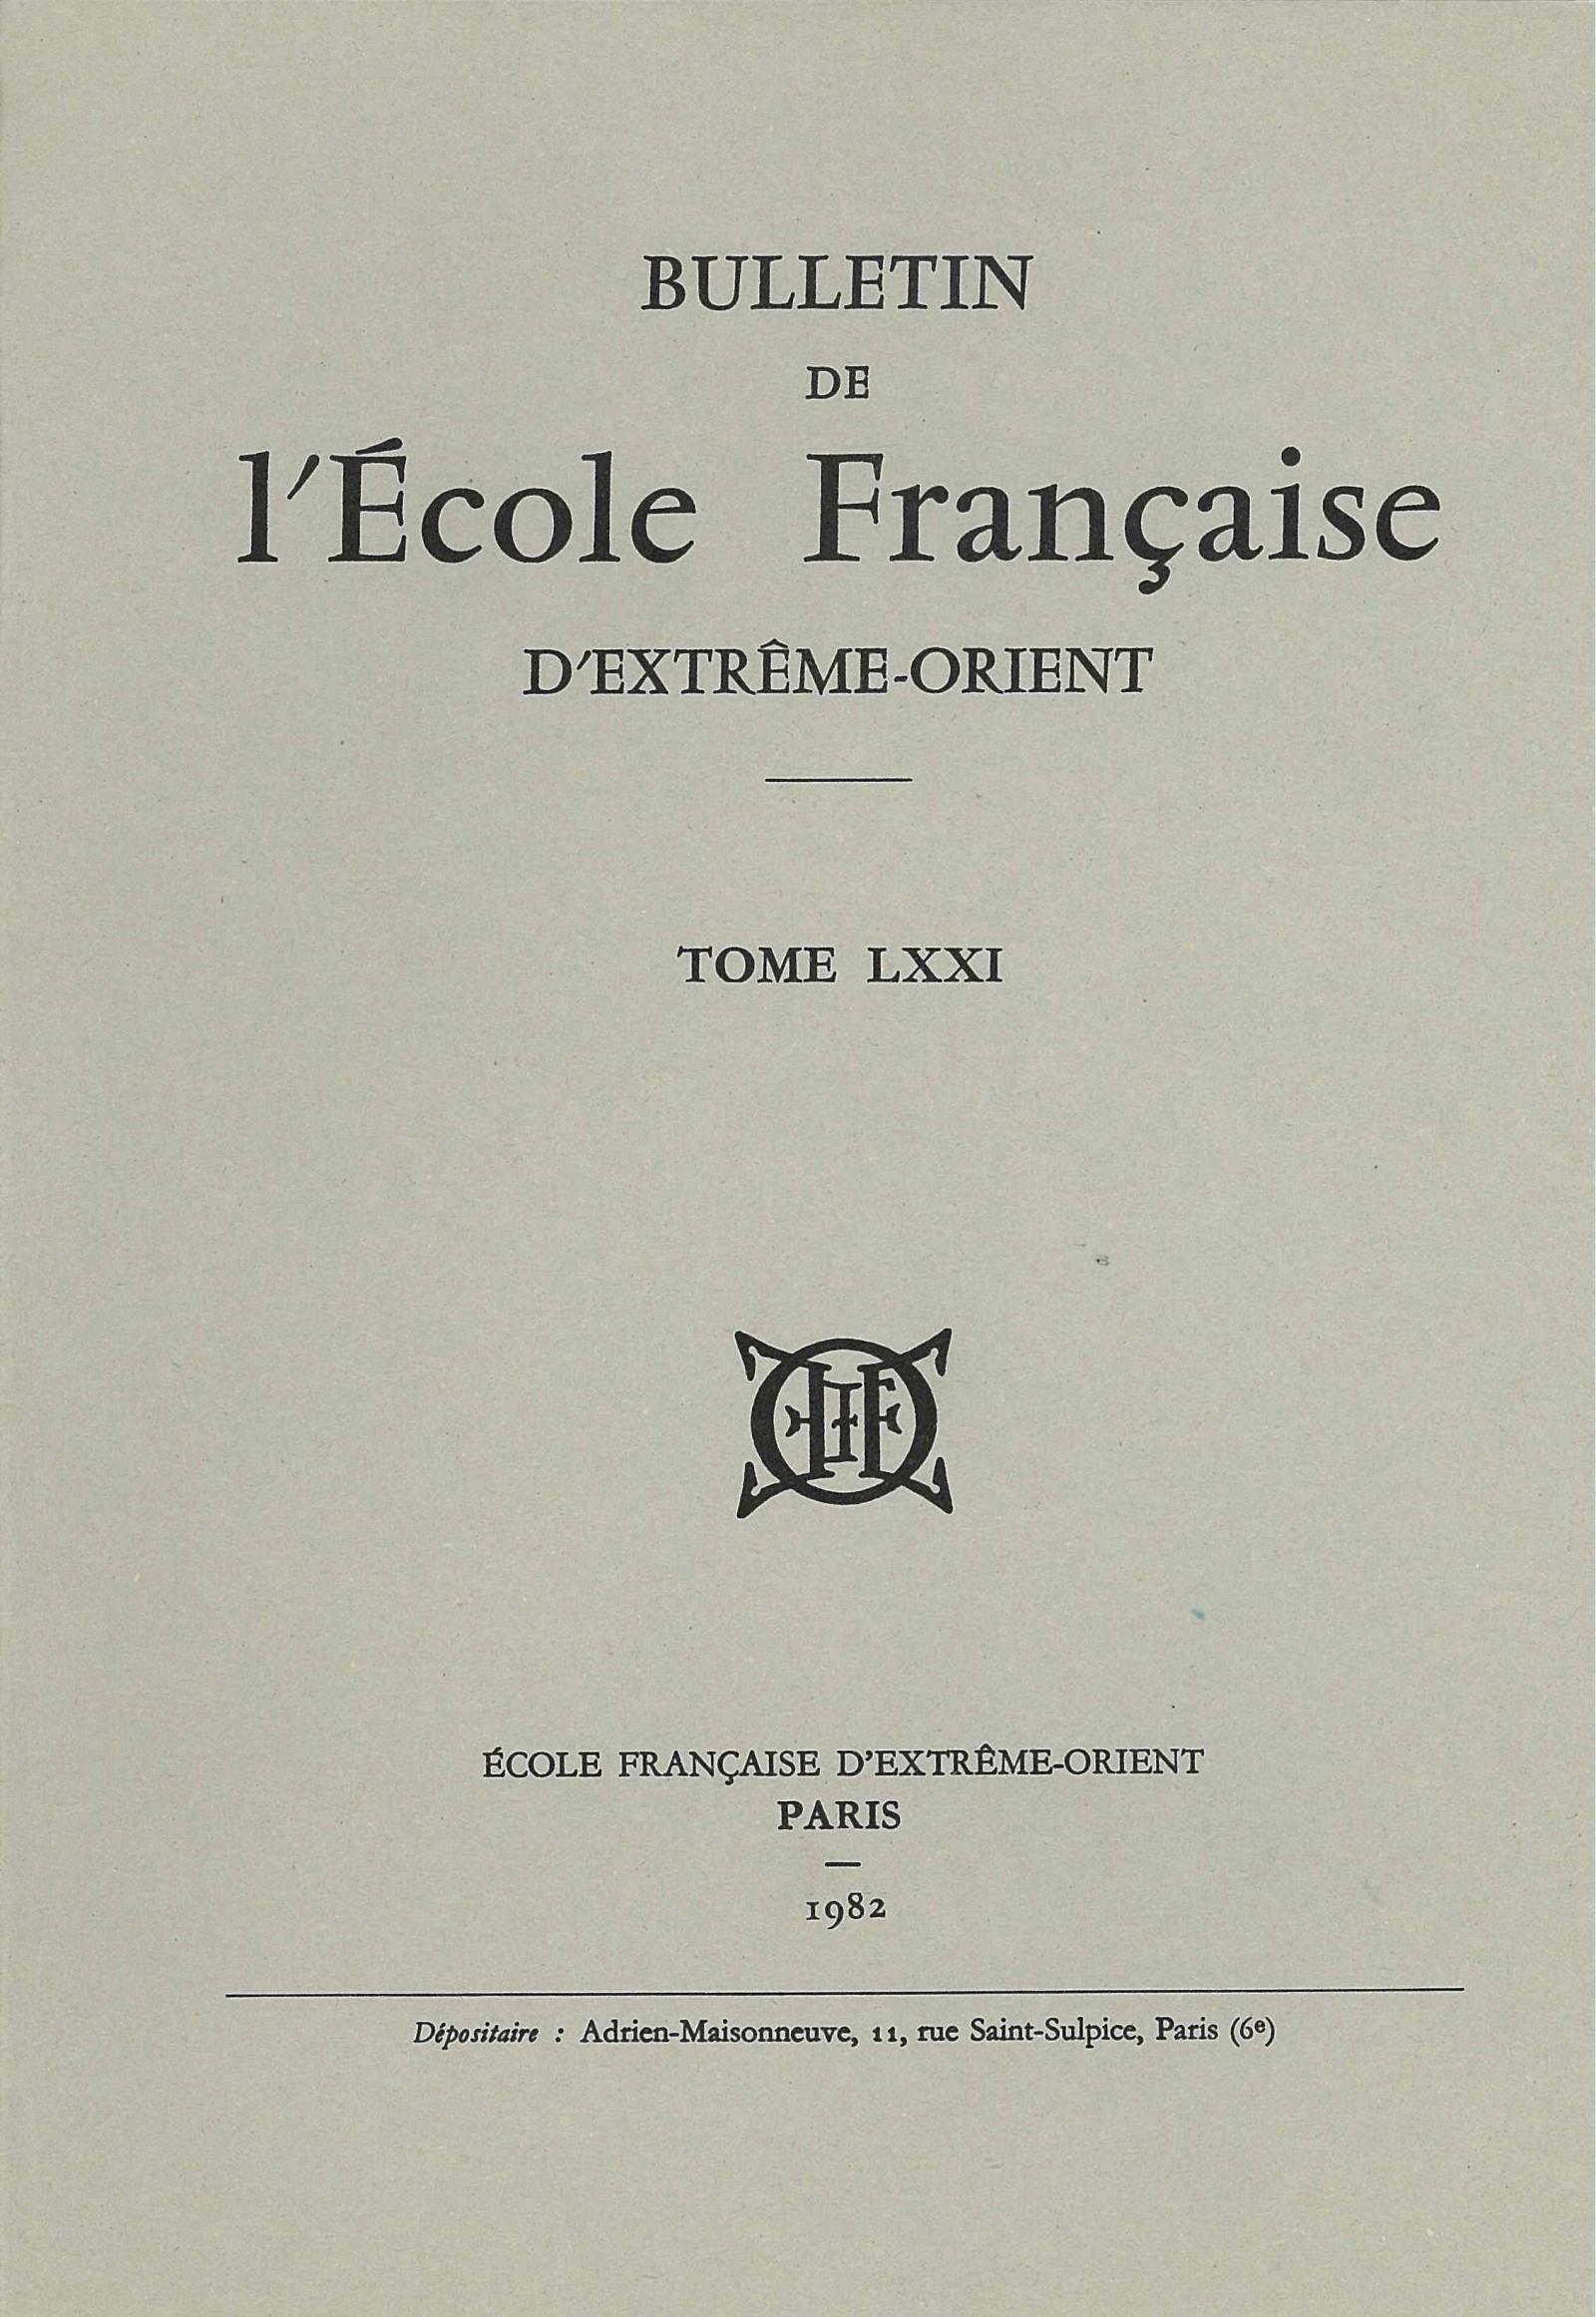 Bulletin de l'Ecole française d'Extrême-Orient 71 (1982)